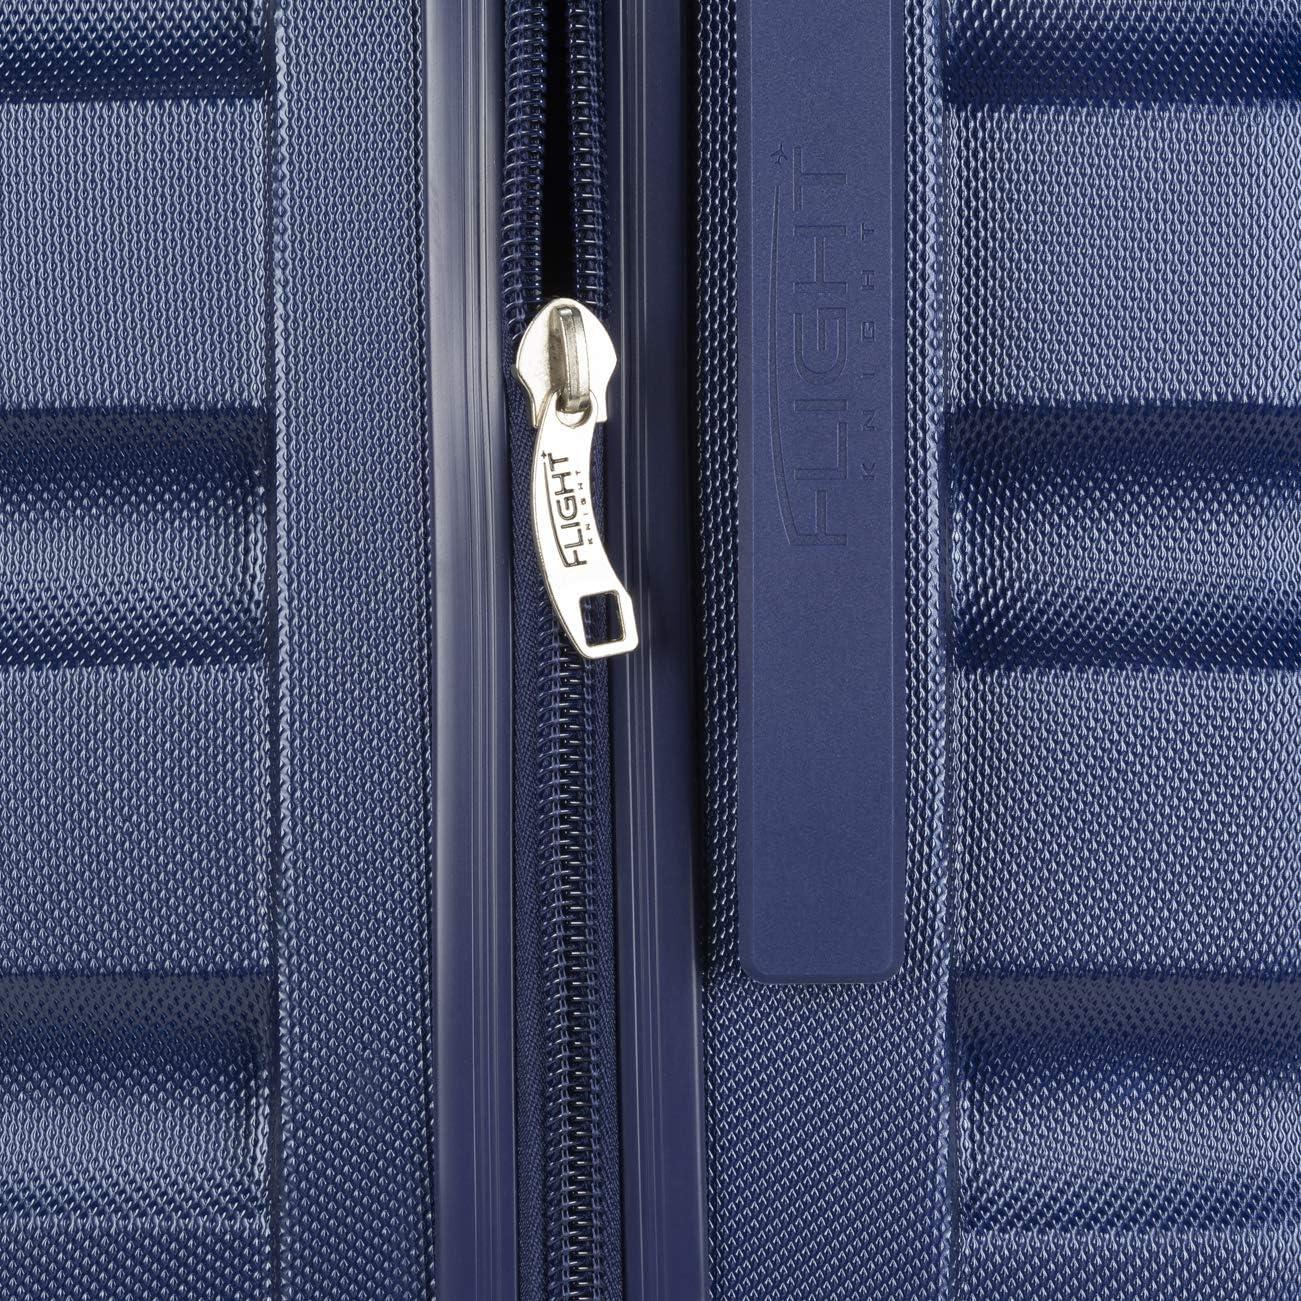 Flight Knight ABS 3 Tailles Valise Legere Taille Maximum Permise avec easyJet British Airways,Iberia Bagage a Main 56x45x25 cm Et Bagage en Soute Grande avec 8 Roues. Jet2 Et Bien dautres